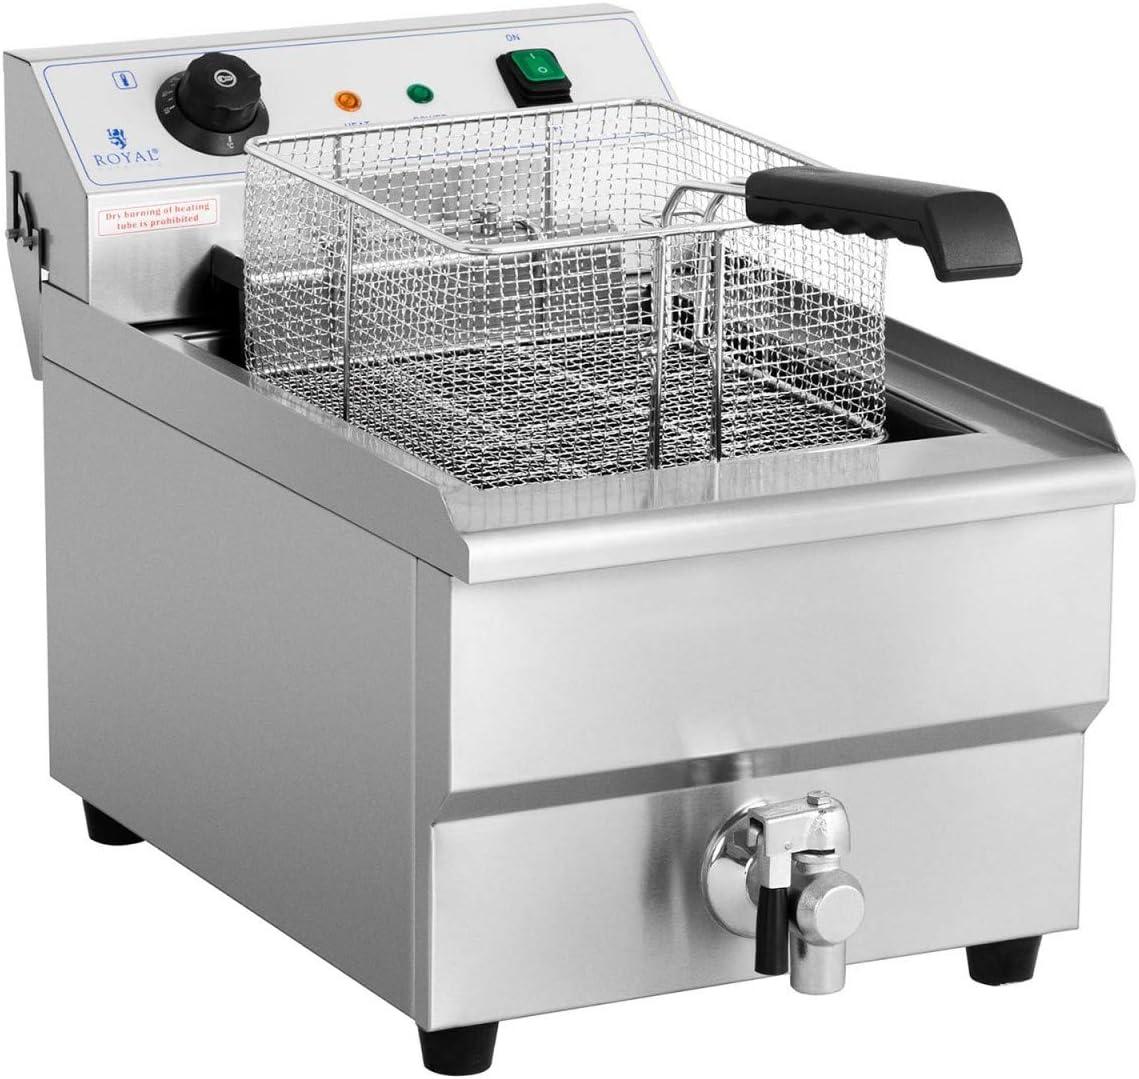 Royal Catering Freidora Eléctrica Para Hostelería RCEF-16EHB (Volumen De 16 Litros, 6.000 Watt, Grifo De Vaciado, Zona Fría, 60-200 °C): Amazon.es: Hogar